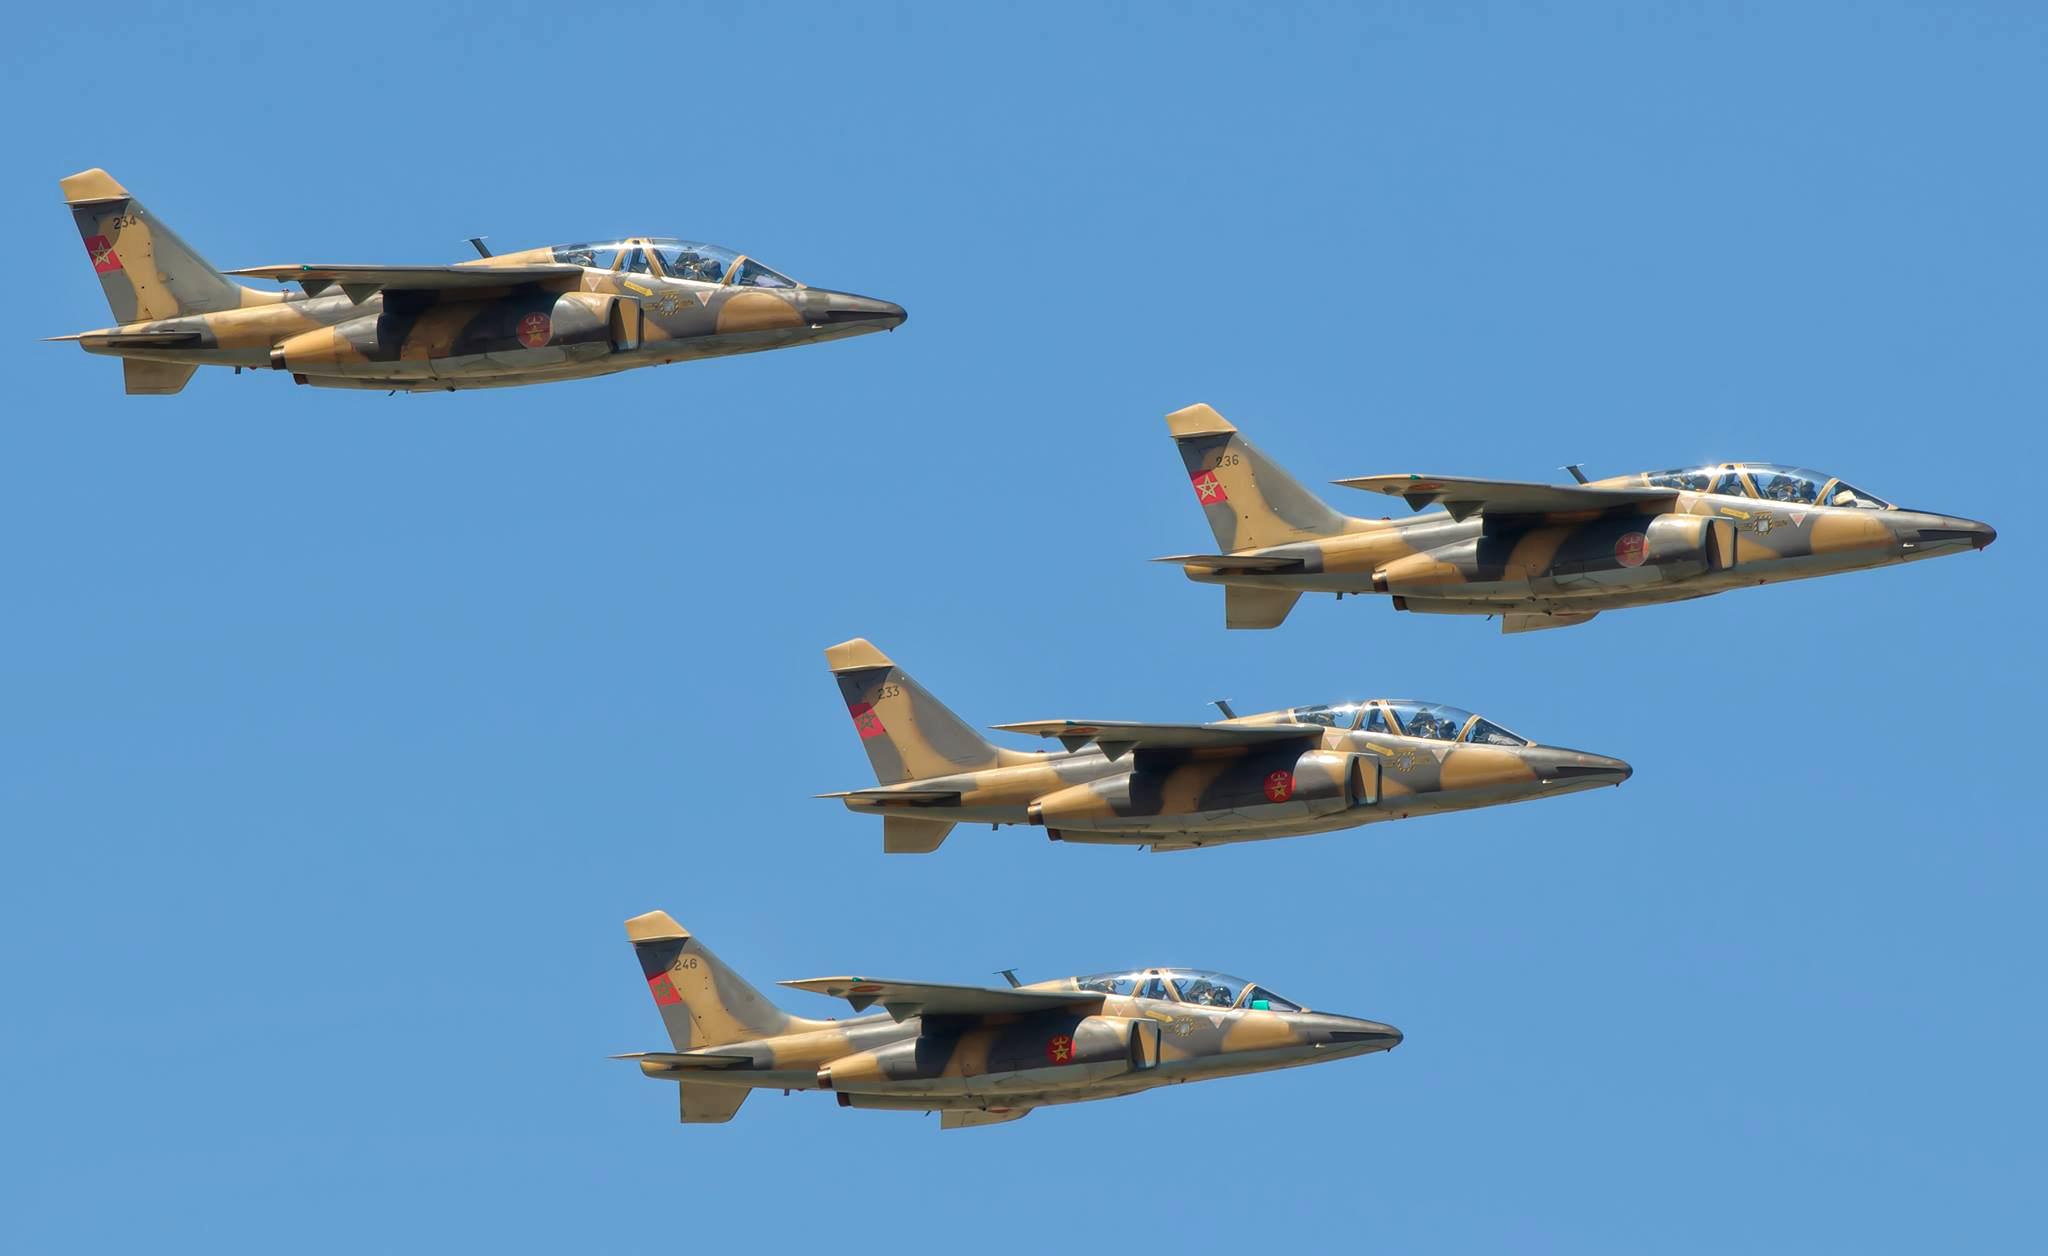 القوات الجوية الملكية المغربية - متجدد - - صفحة 2 160201063651759623